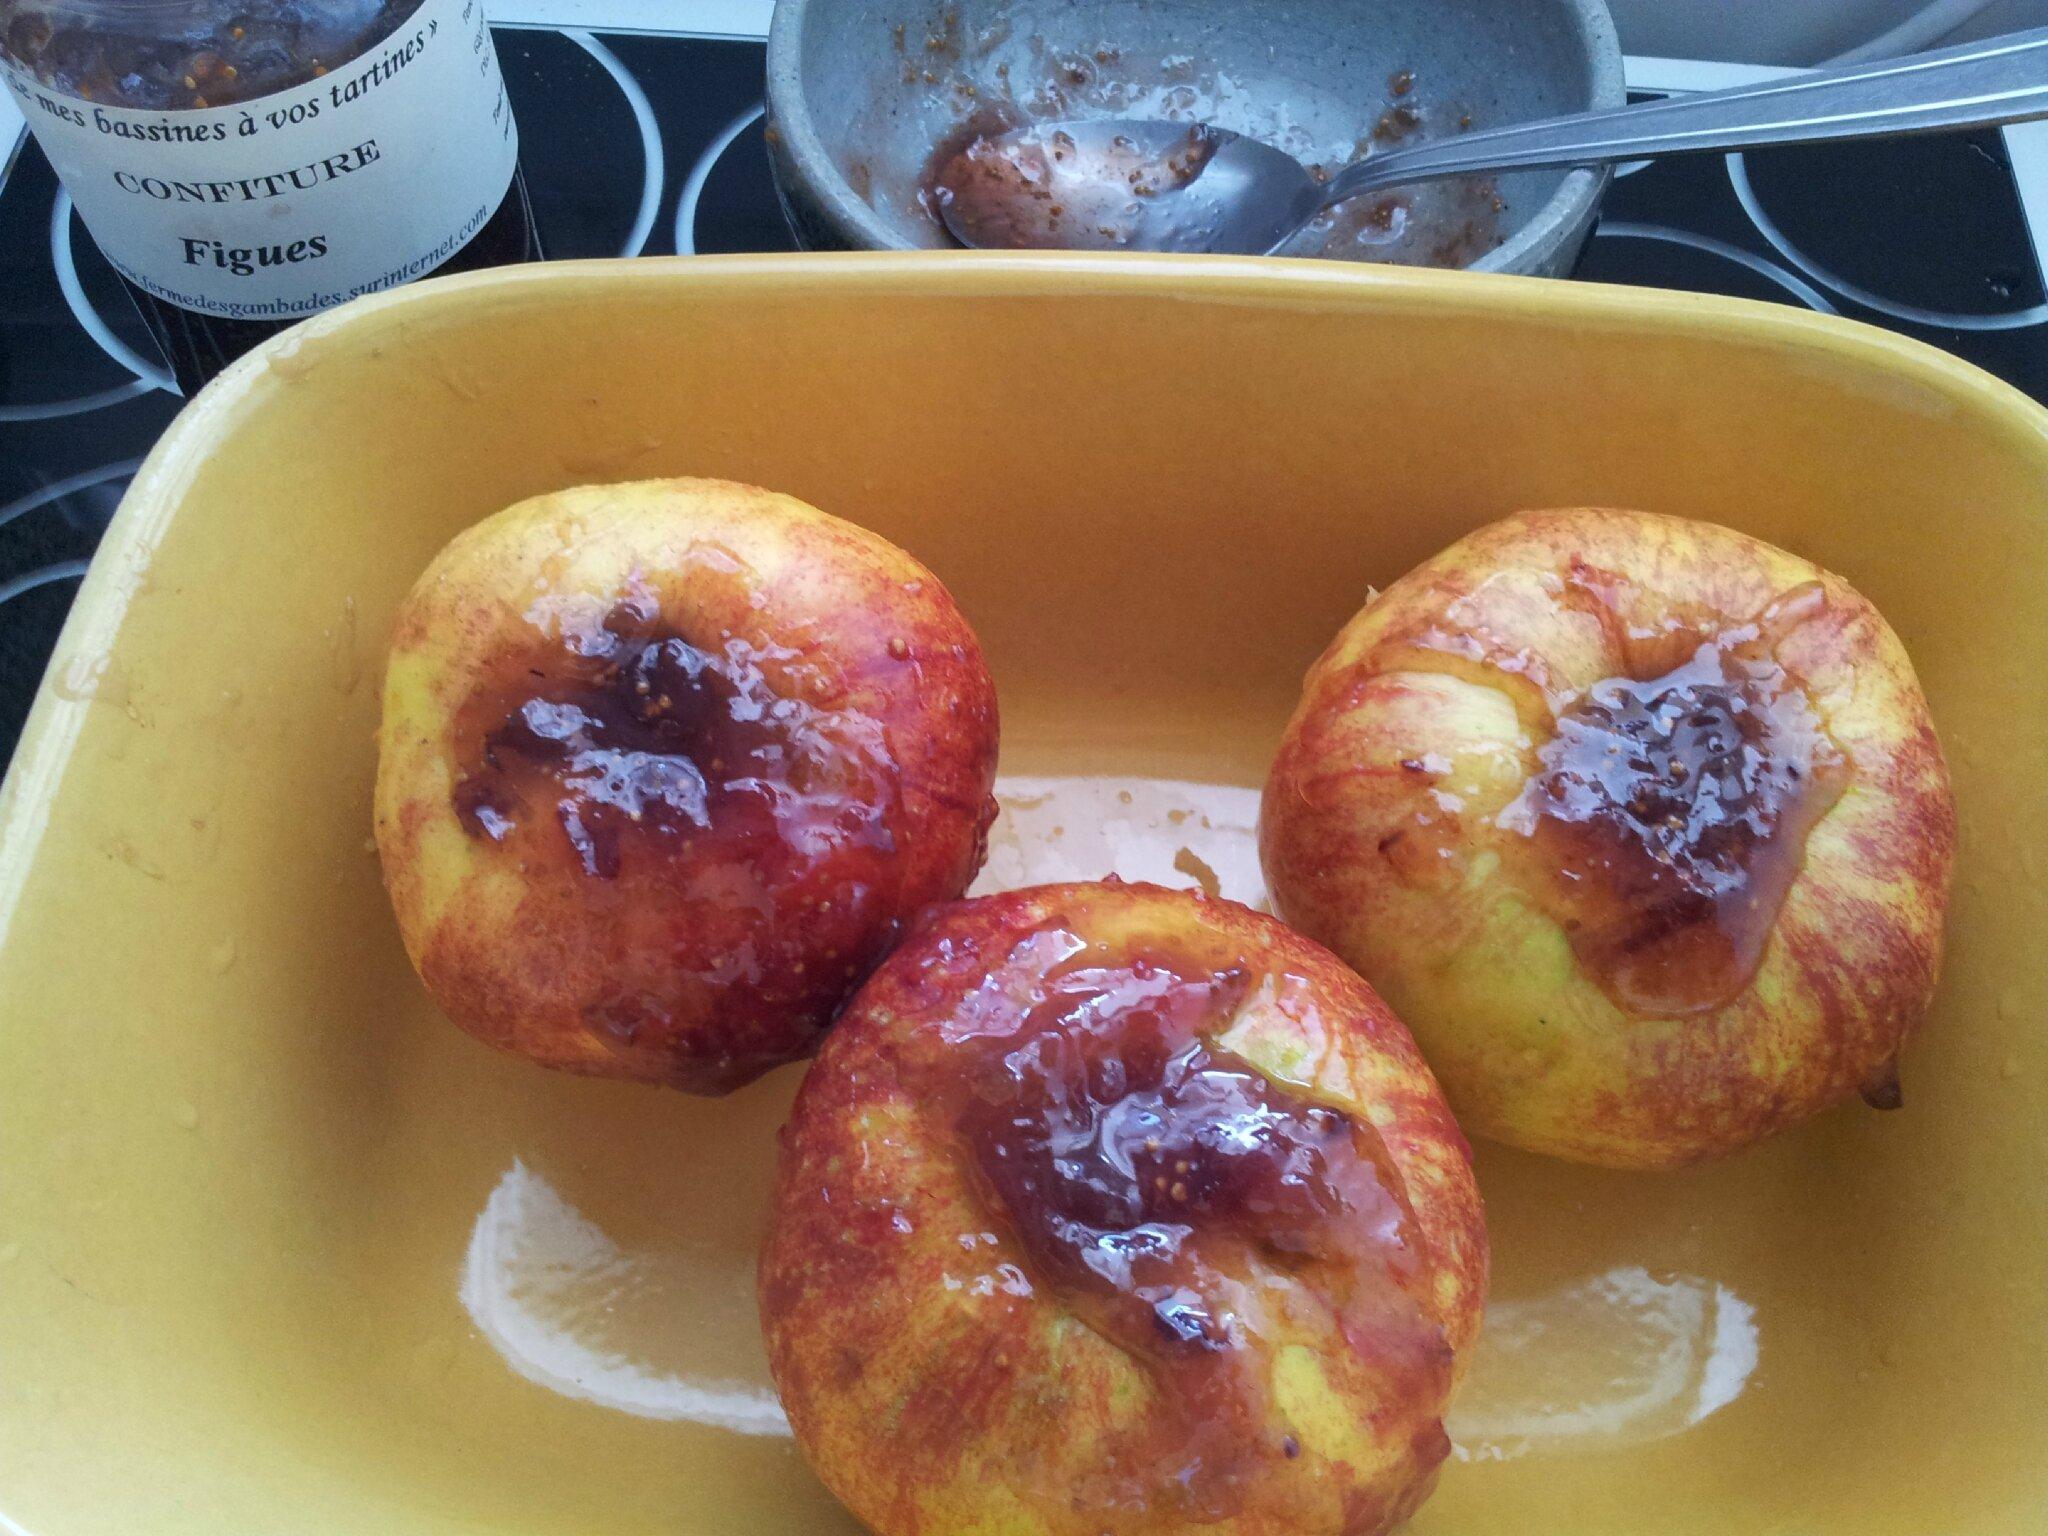 confiture de figues et pommes